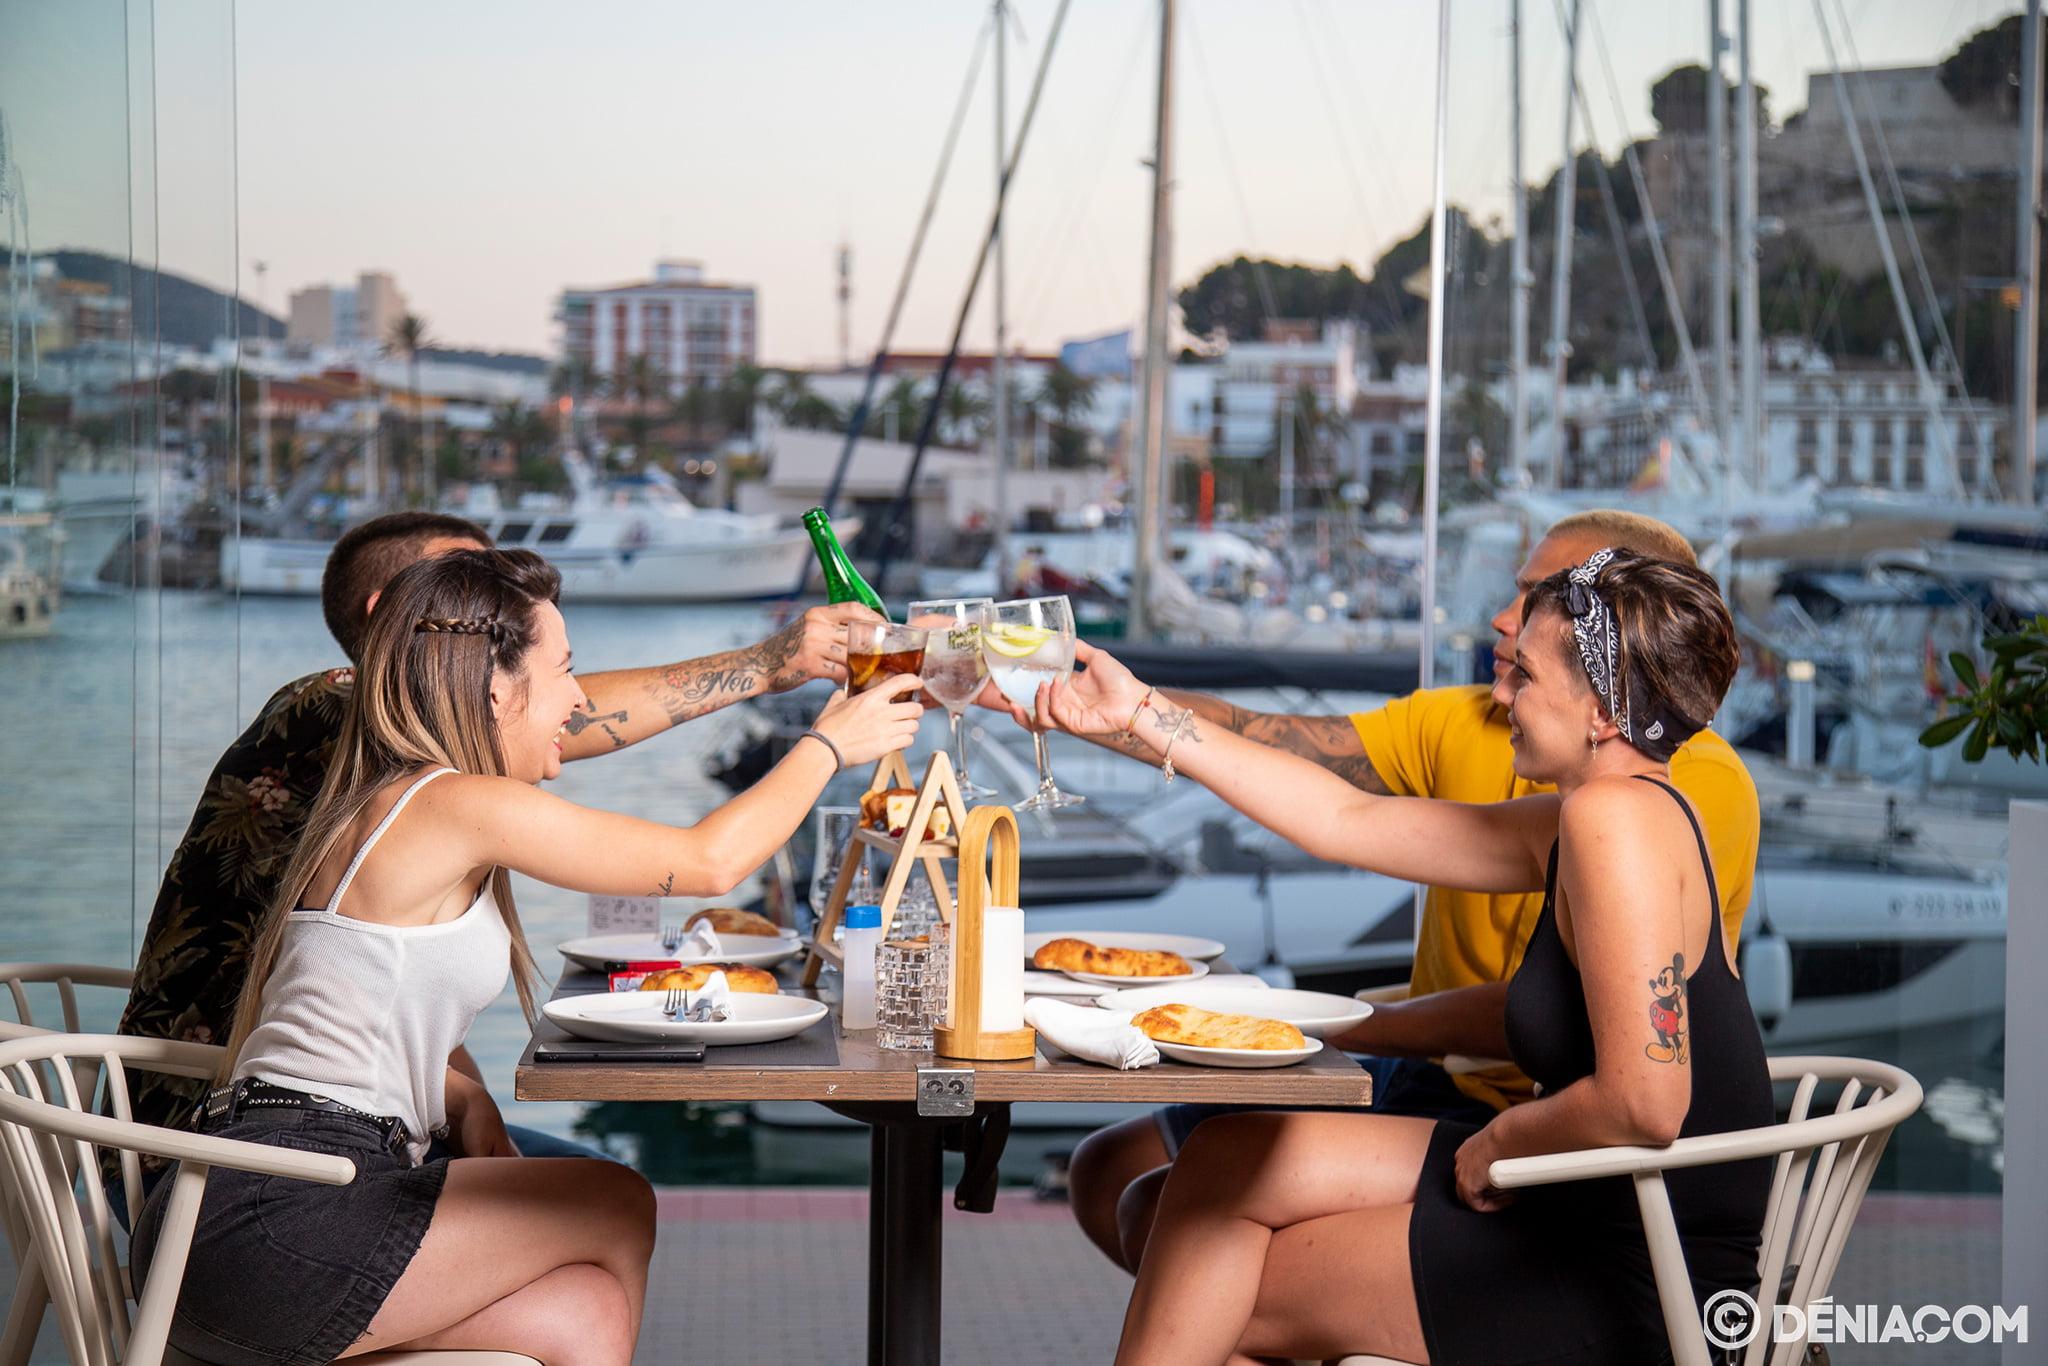 Sopar a Dénia - Pa Picar Una cosa